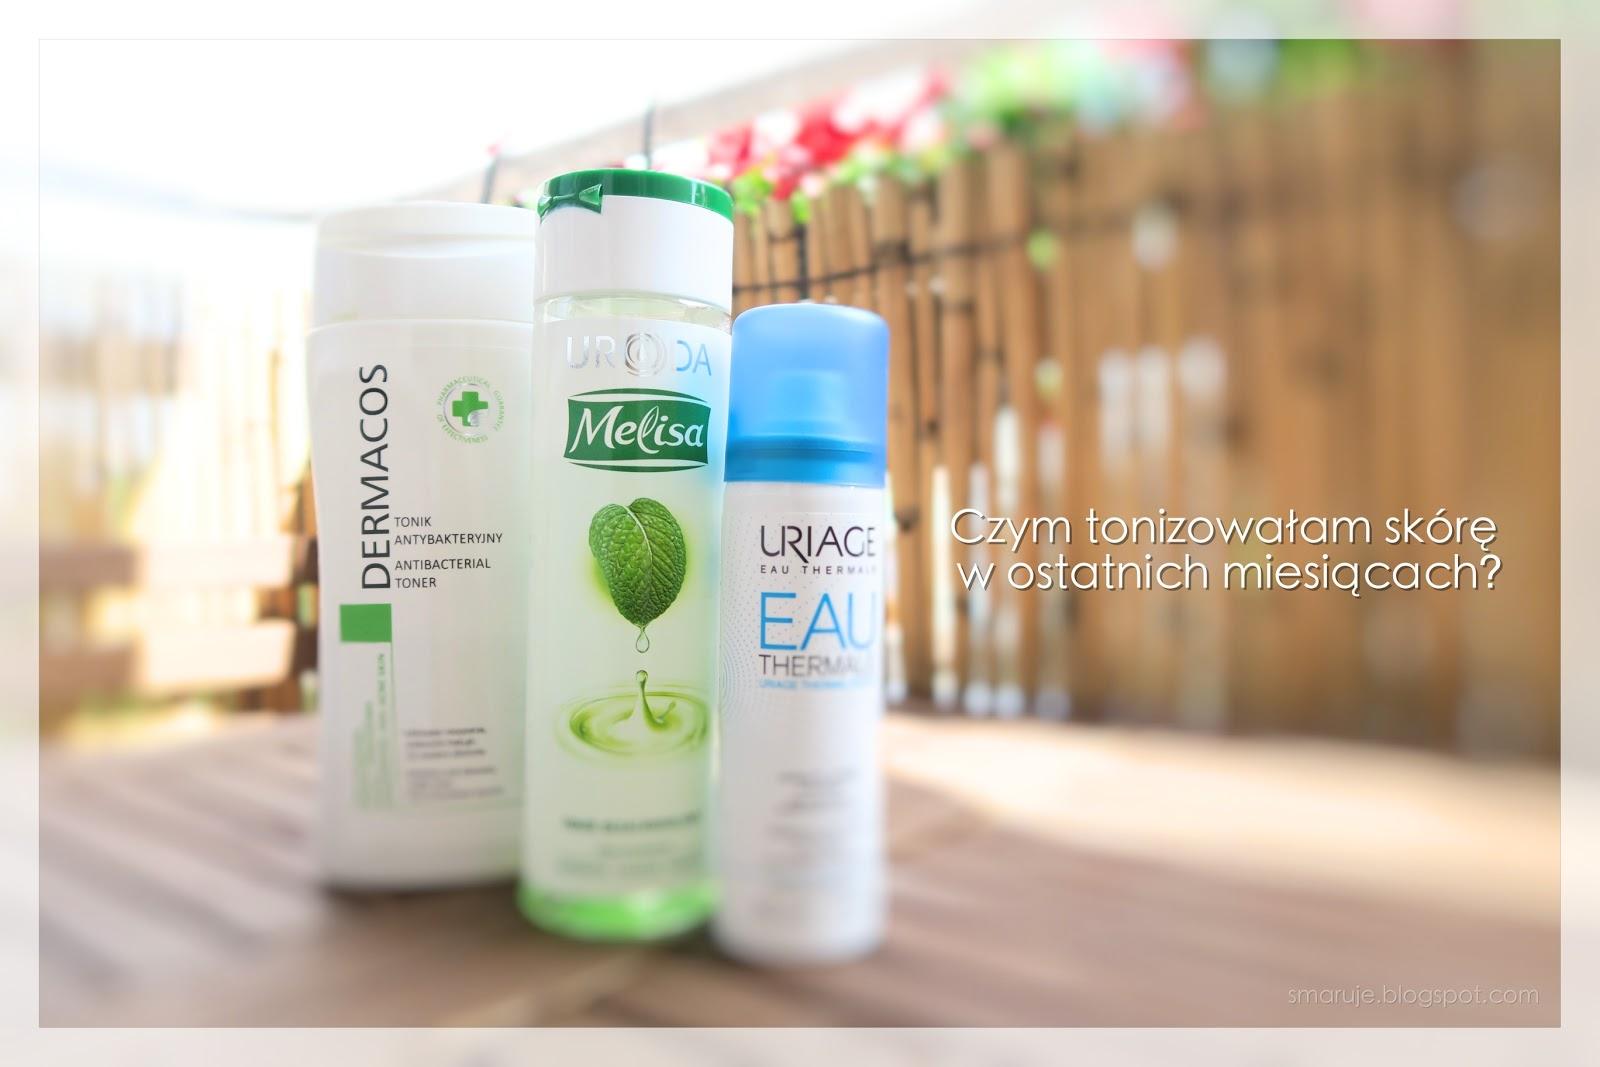 Produkty tonizujące: Dermacos / Uroda / Uriage